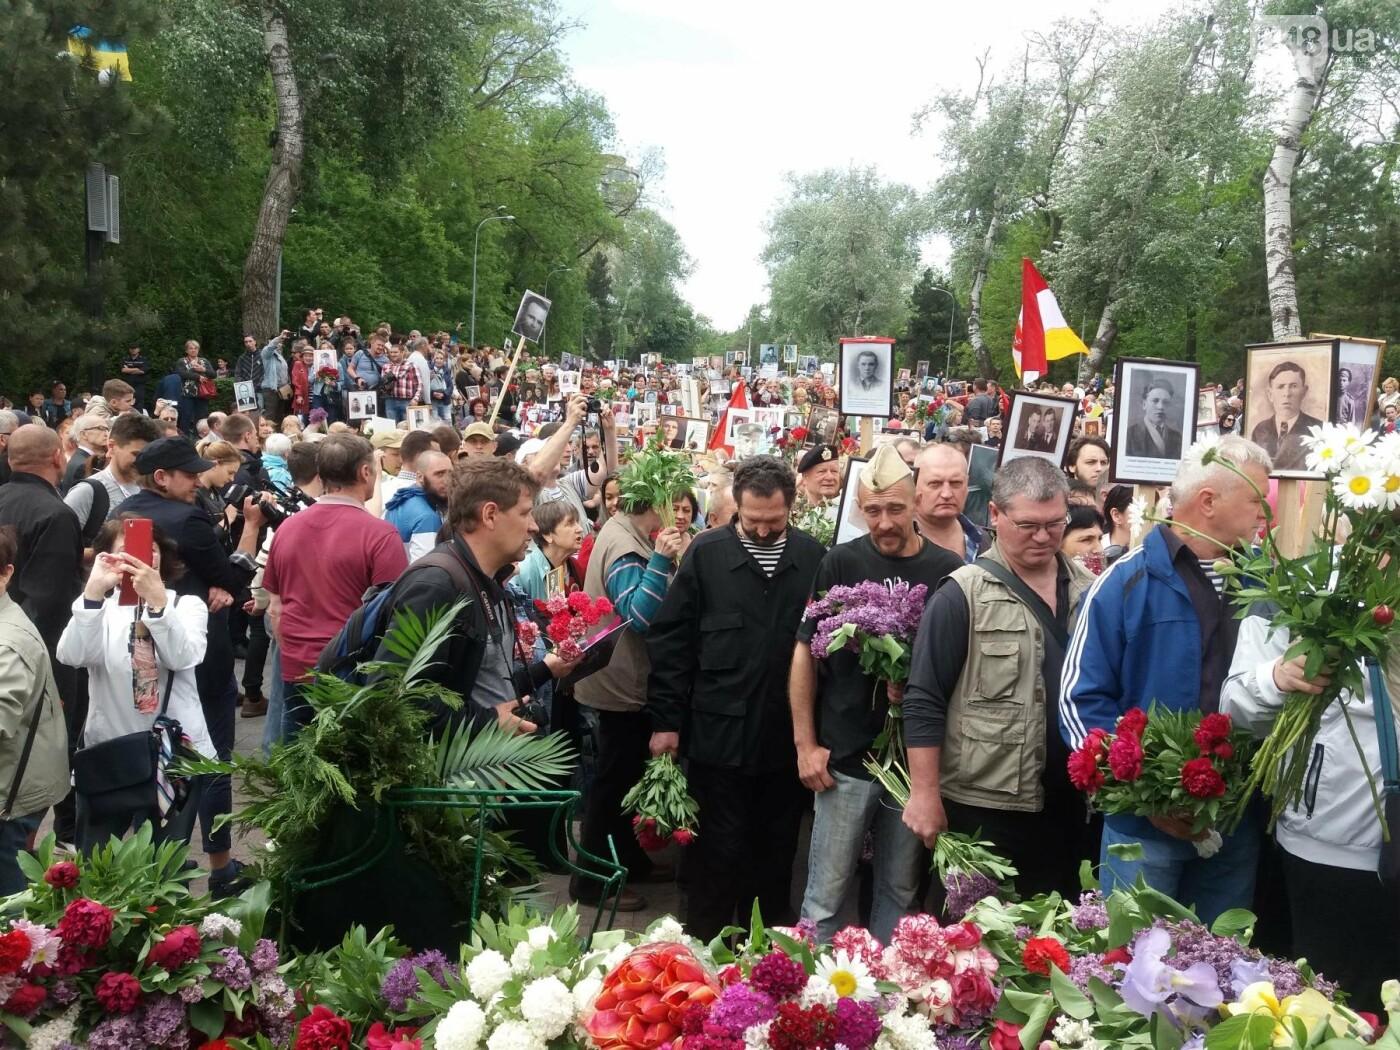 9 мая в Одессе: хронология событий и итоги, - ФОТО, ВИДЕО, фото-24